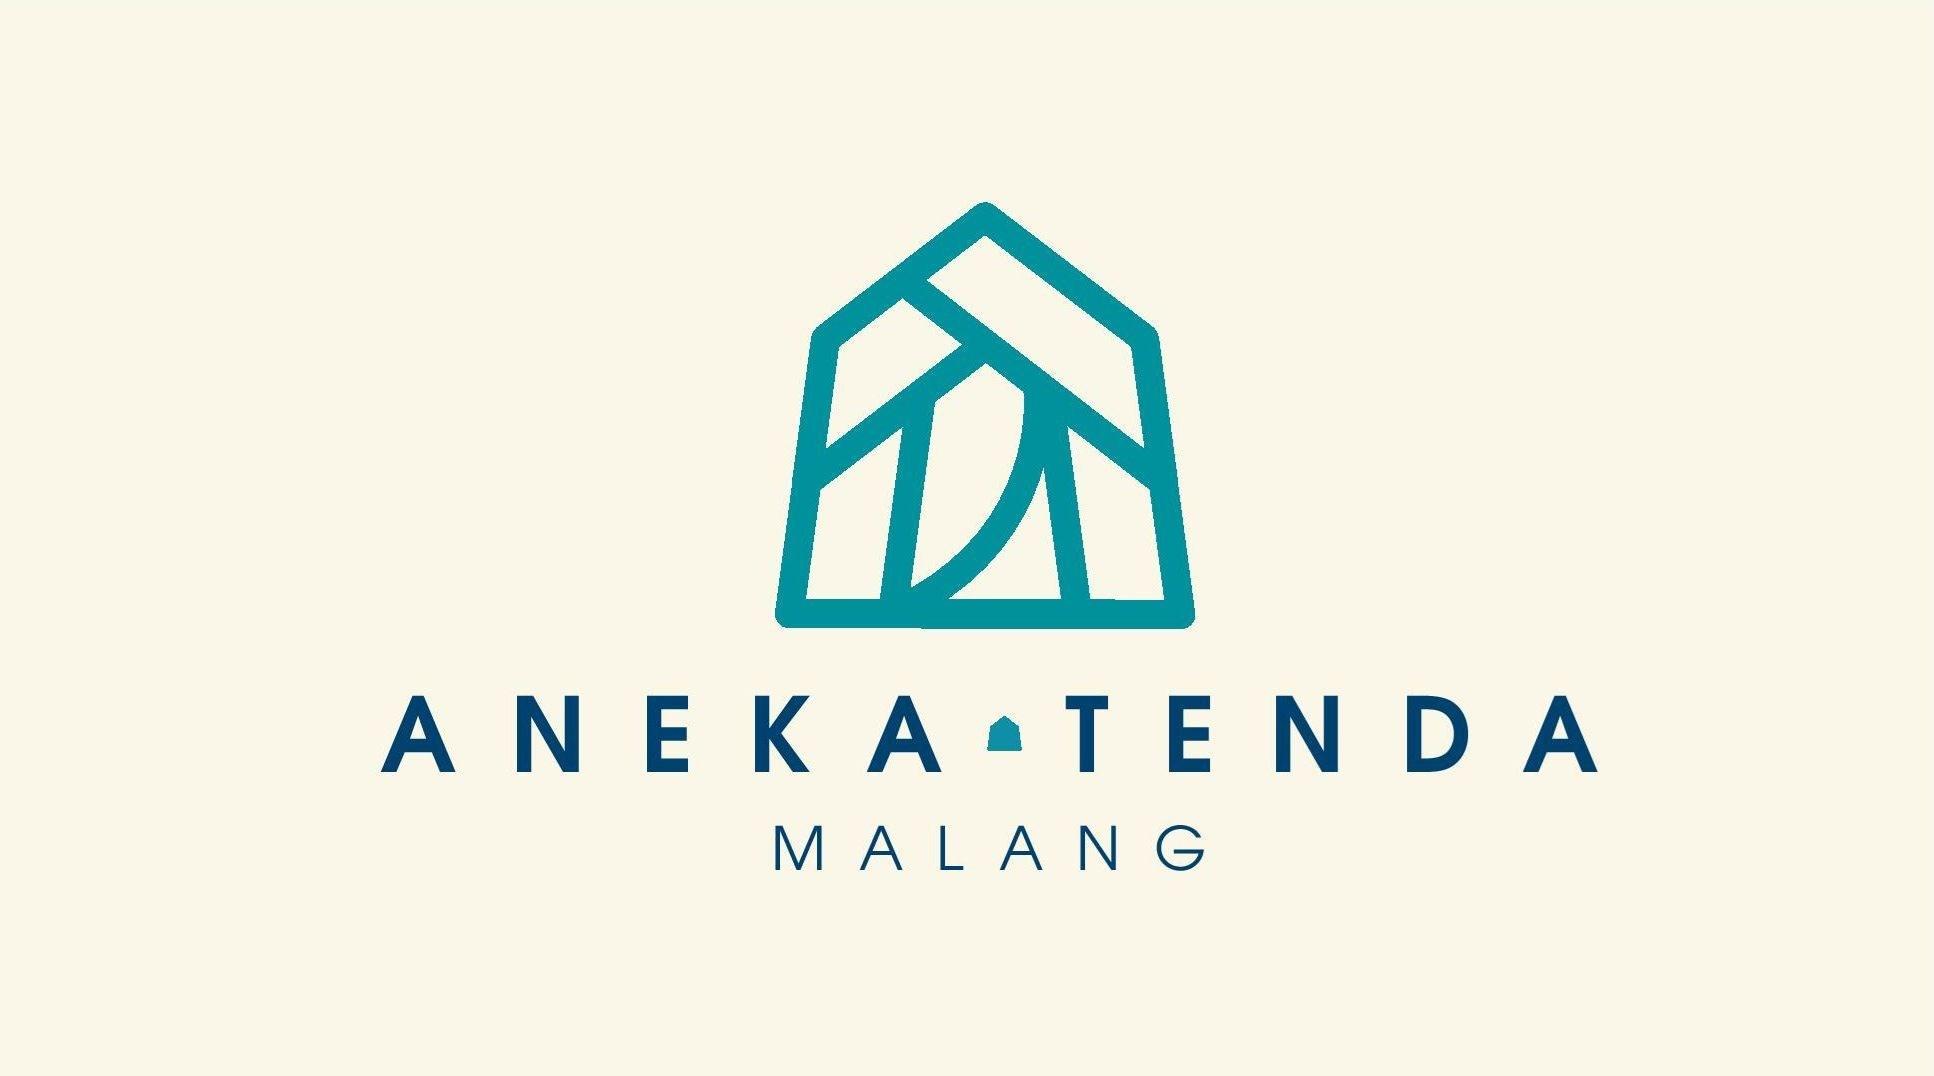 Aneka Tenda Malang